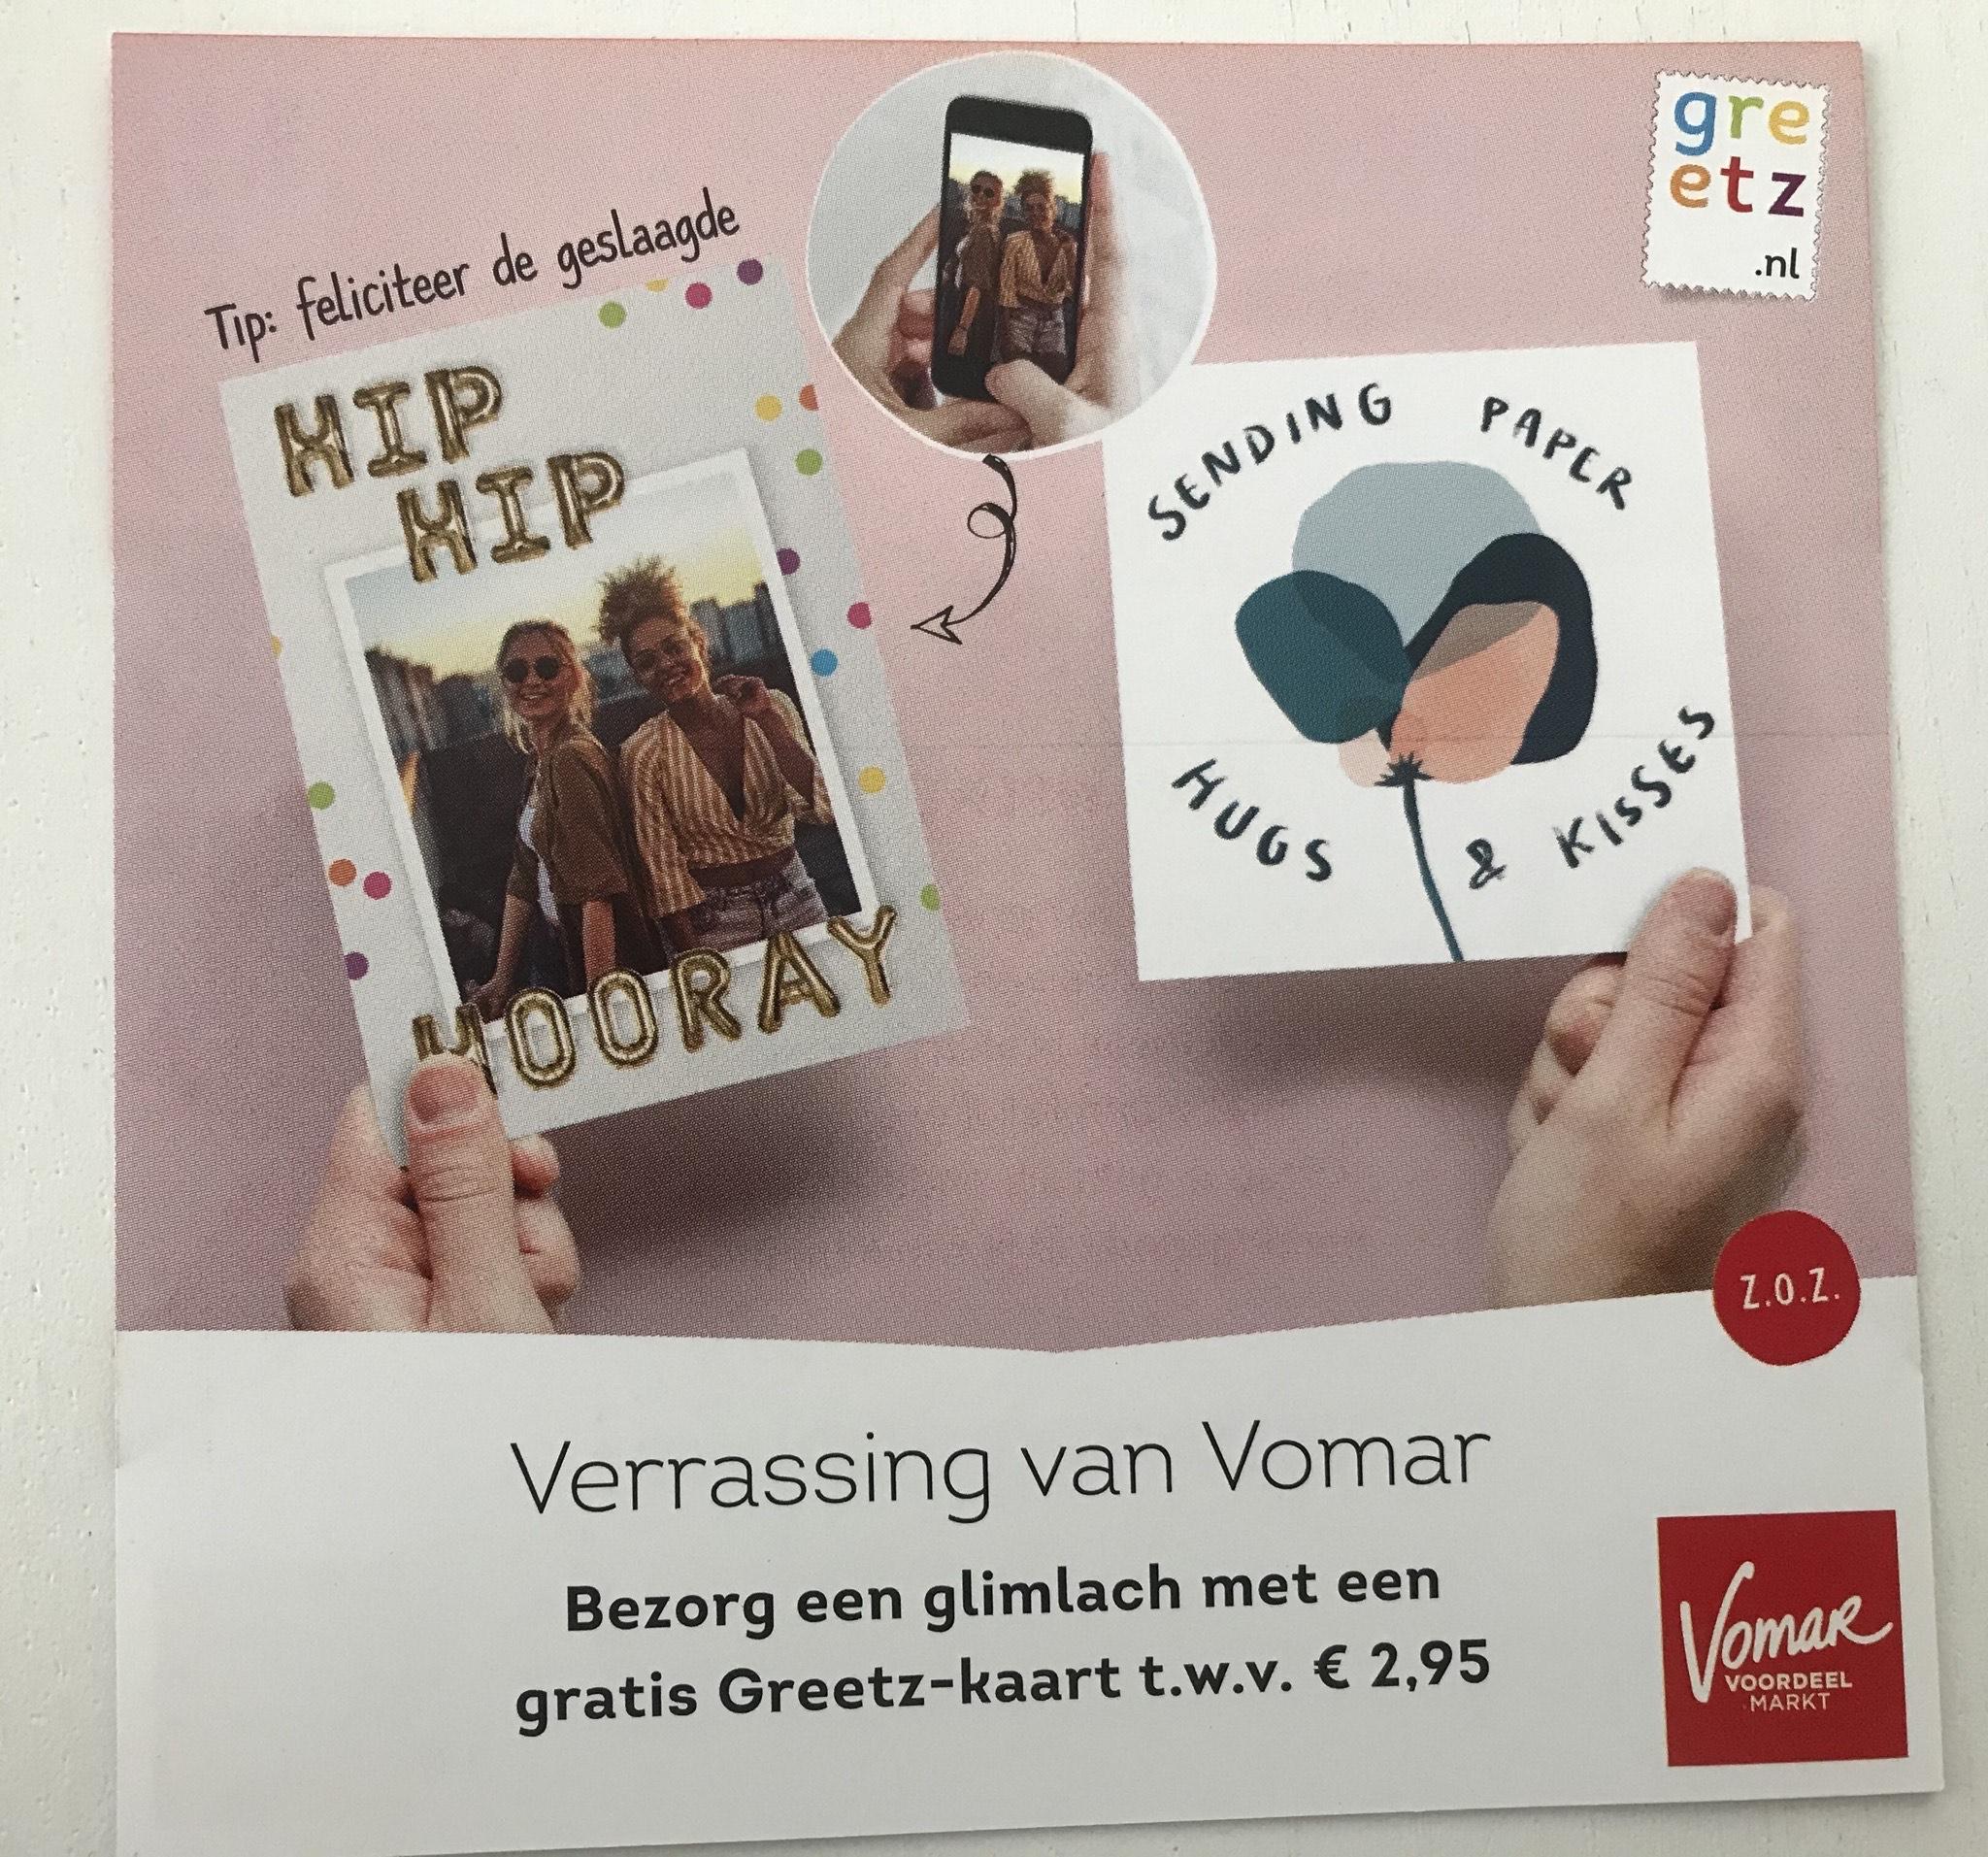 [LOKAAL] @Vomar Gratis Greetz-kaart versturen t.w.v. €2,95 excl. verzendkosten